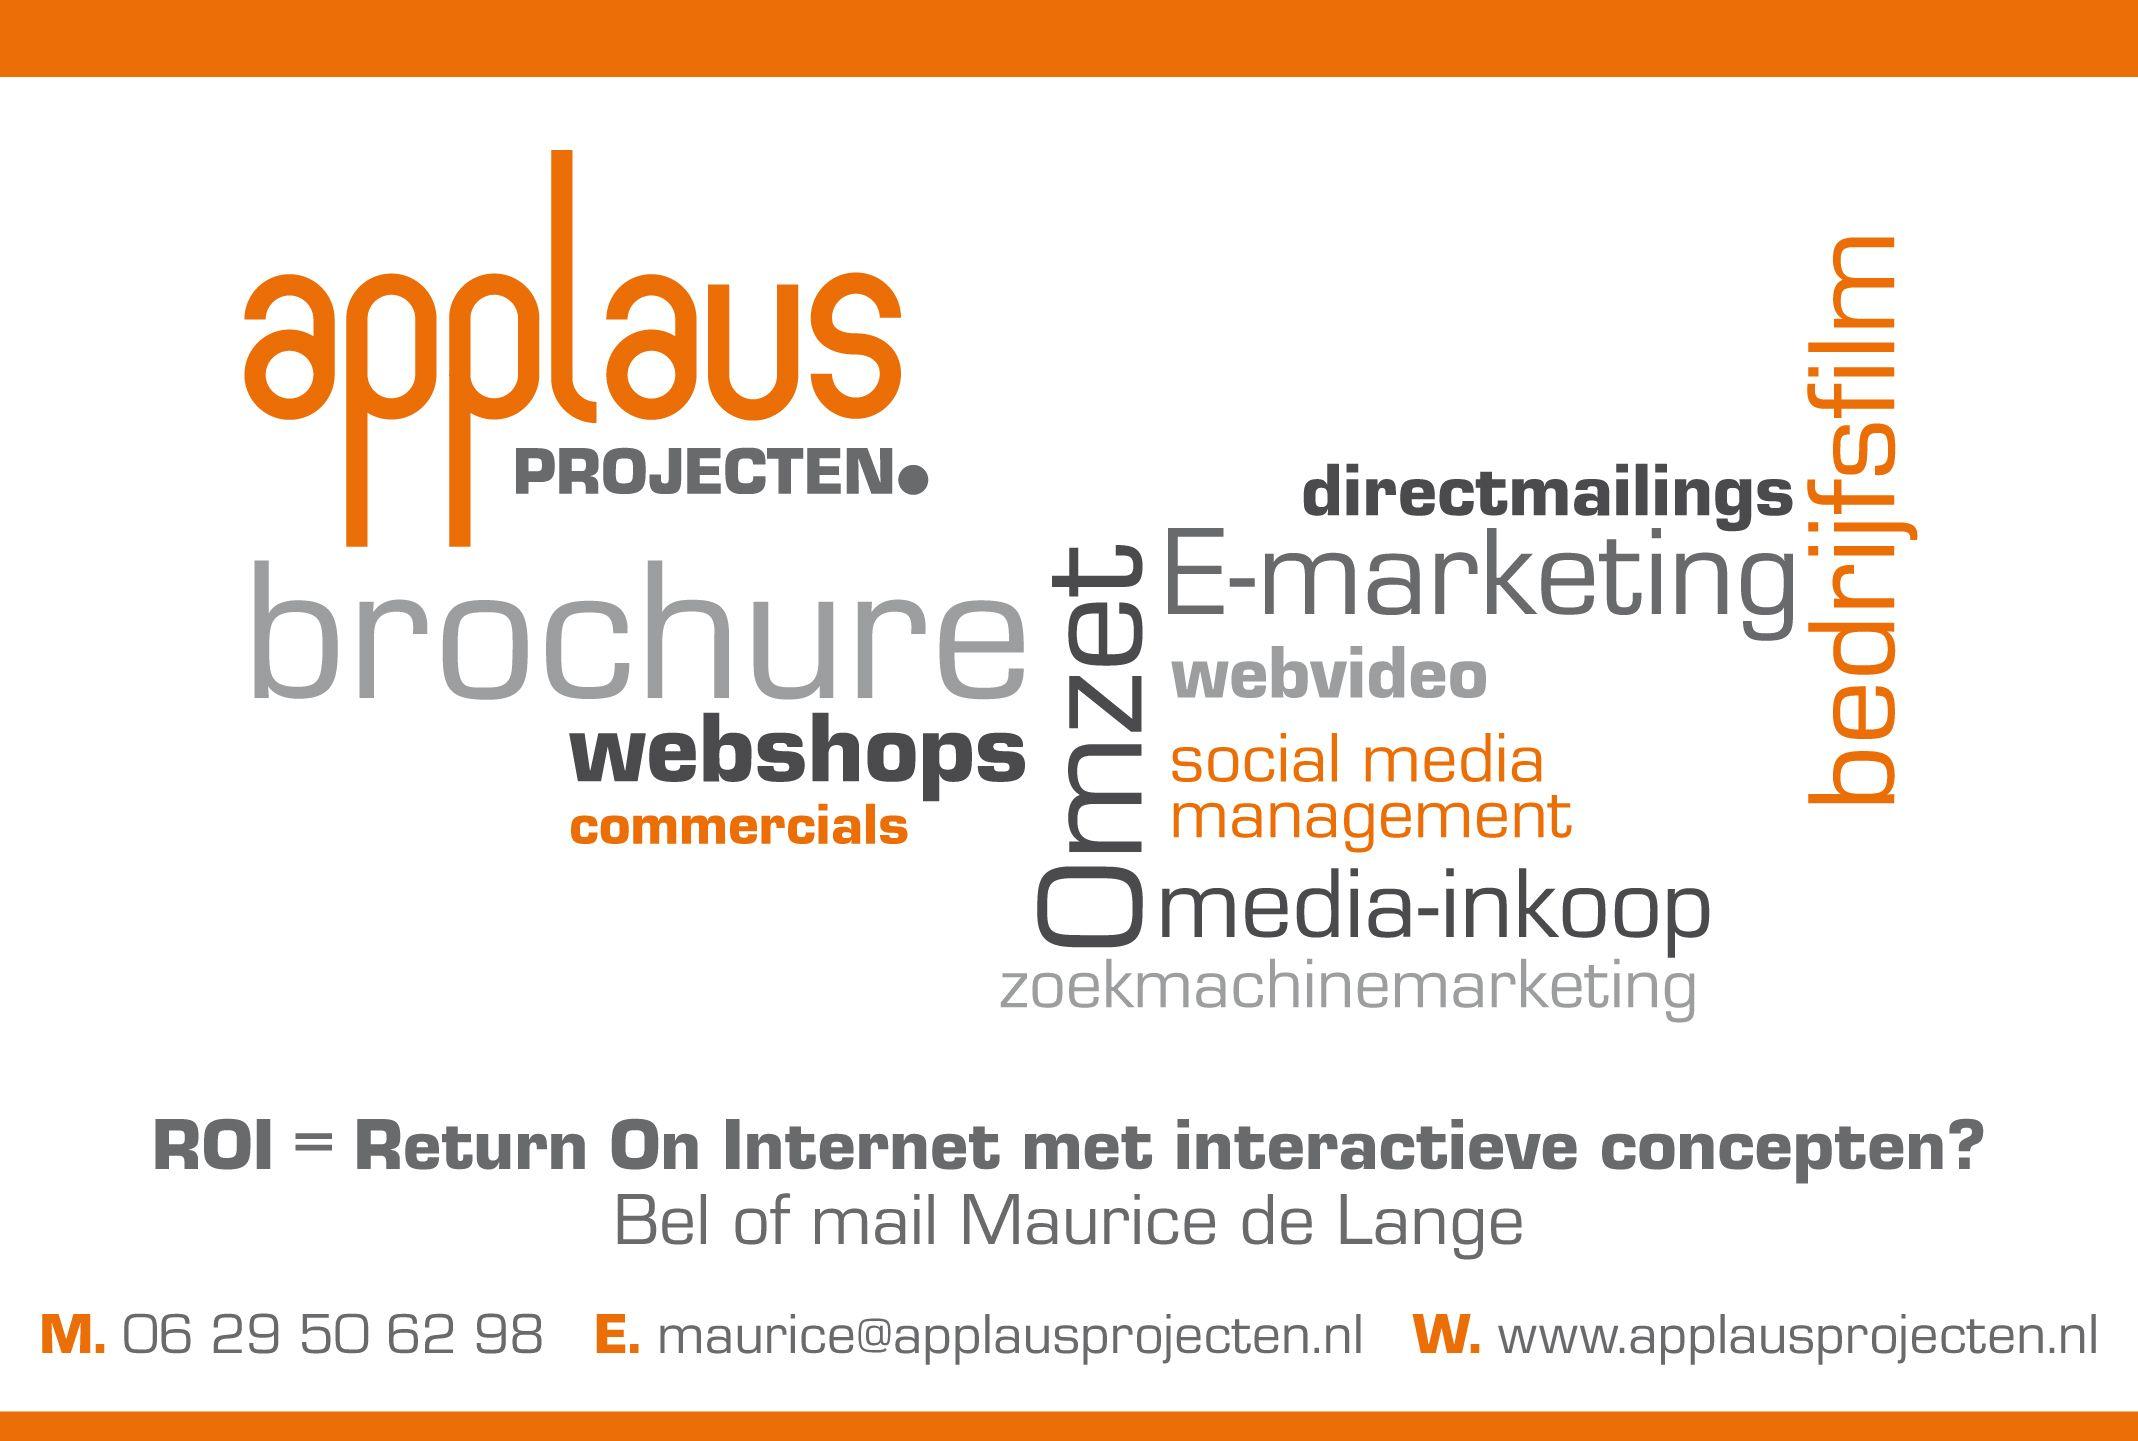 Applaus Projecten interactieve marketing concepten en social media management